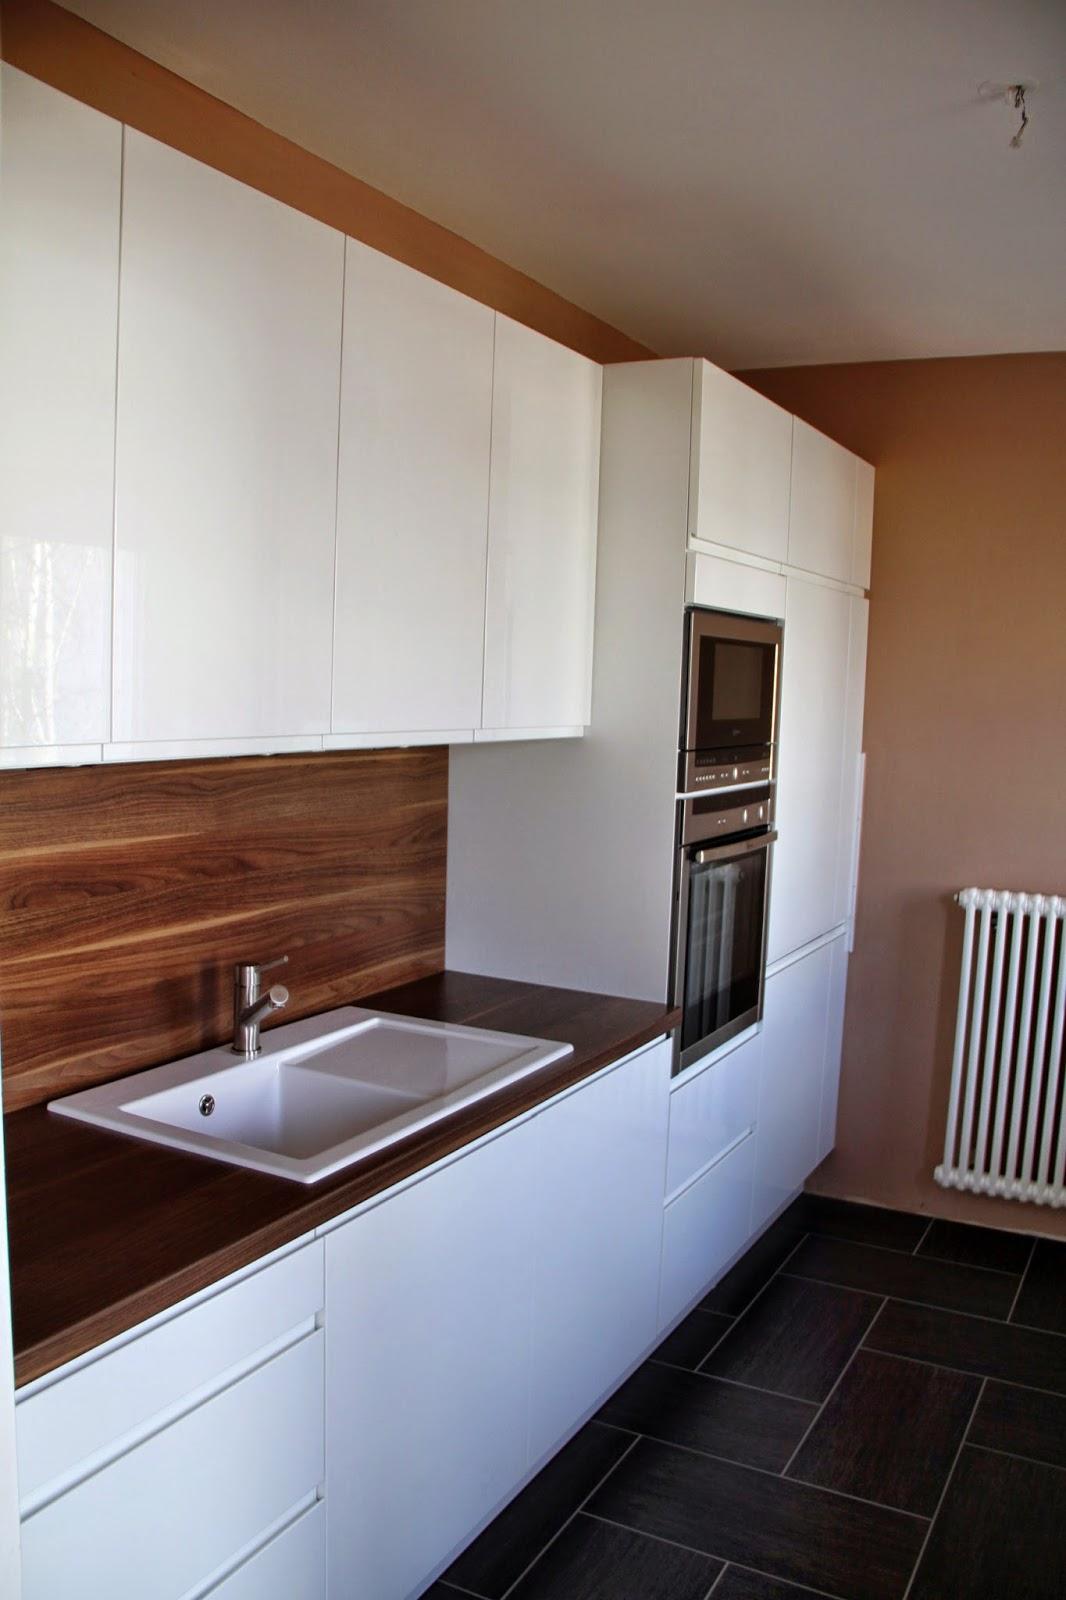 mit deko hausbau gmbh zur verwirklichung unserer superbleibe muttertag unsere. Black Bedroom Furniture Sets. Home Design Ideas